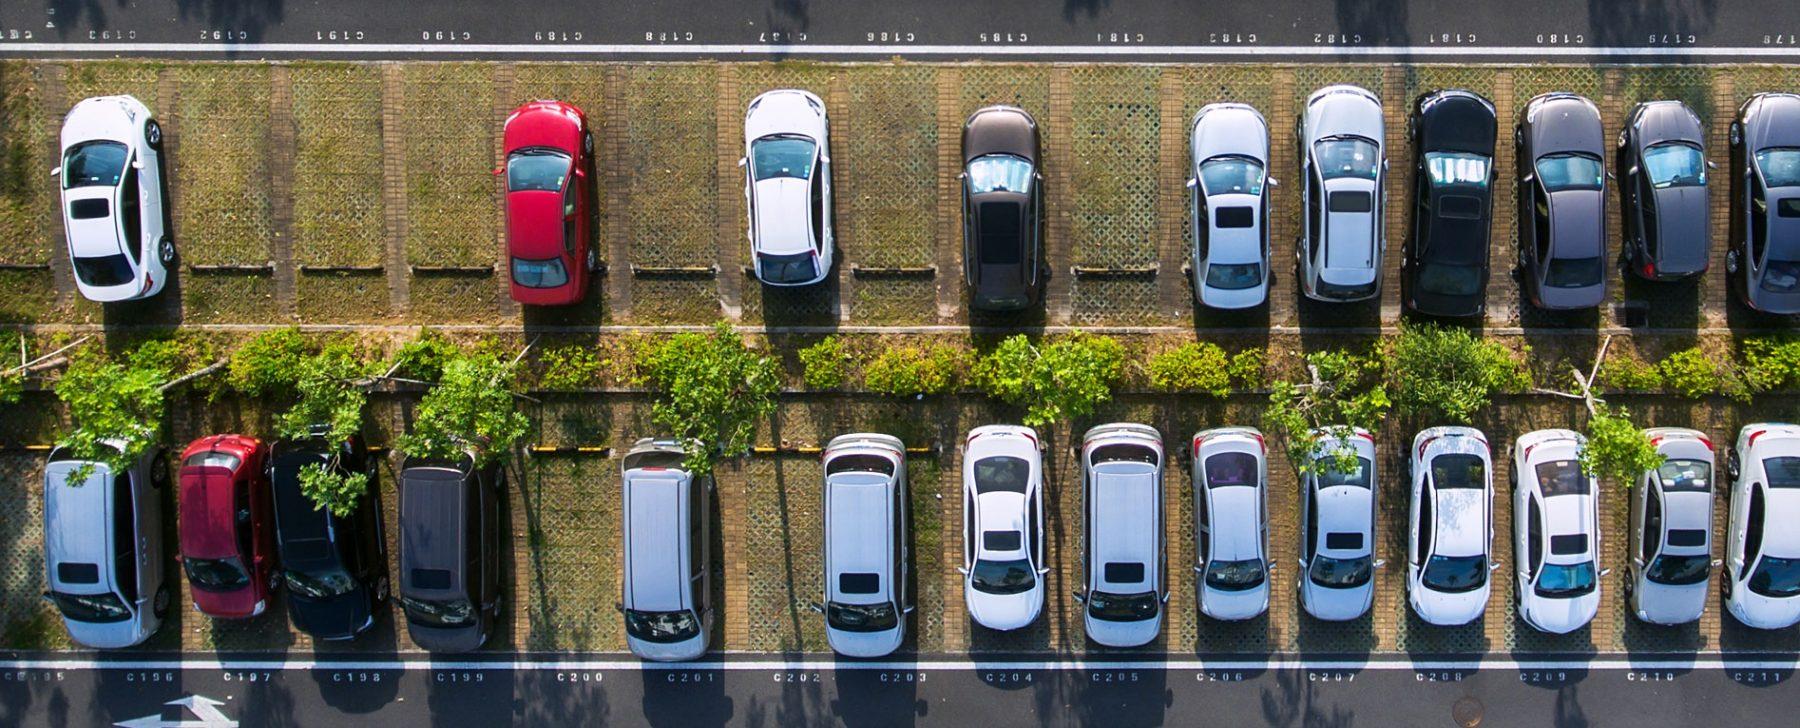 Сколько будет стоить ваш дизельный автомобиль через пять лет после покупки?